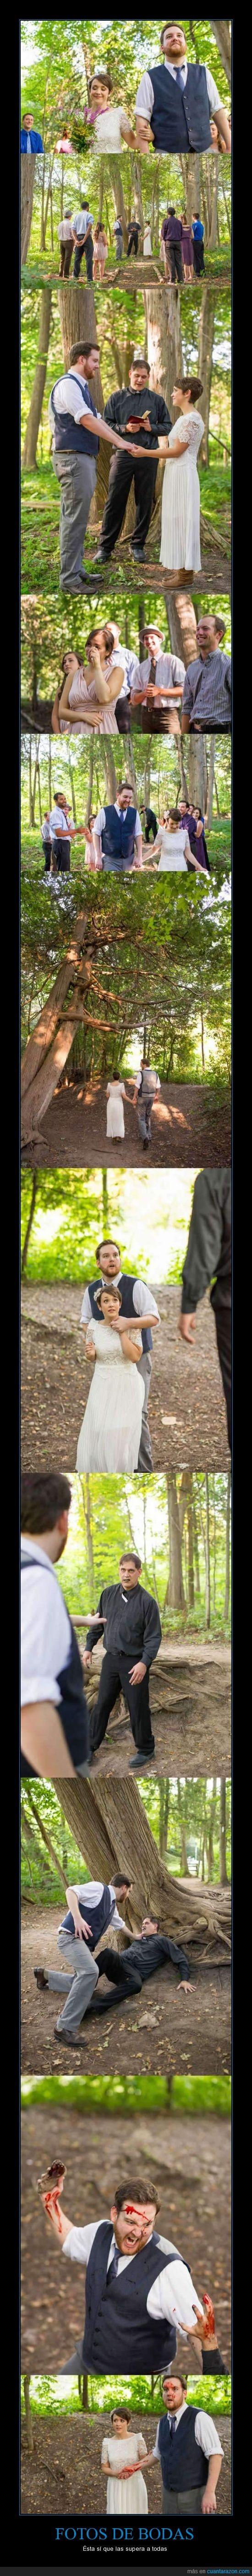 boda,casados,foto,hombre,lo mejor de lo mejor,mujer